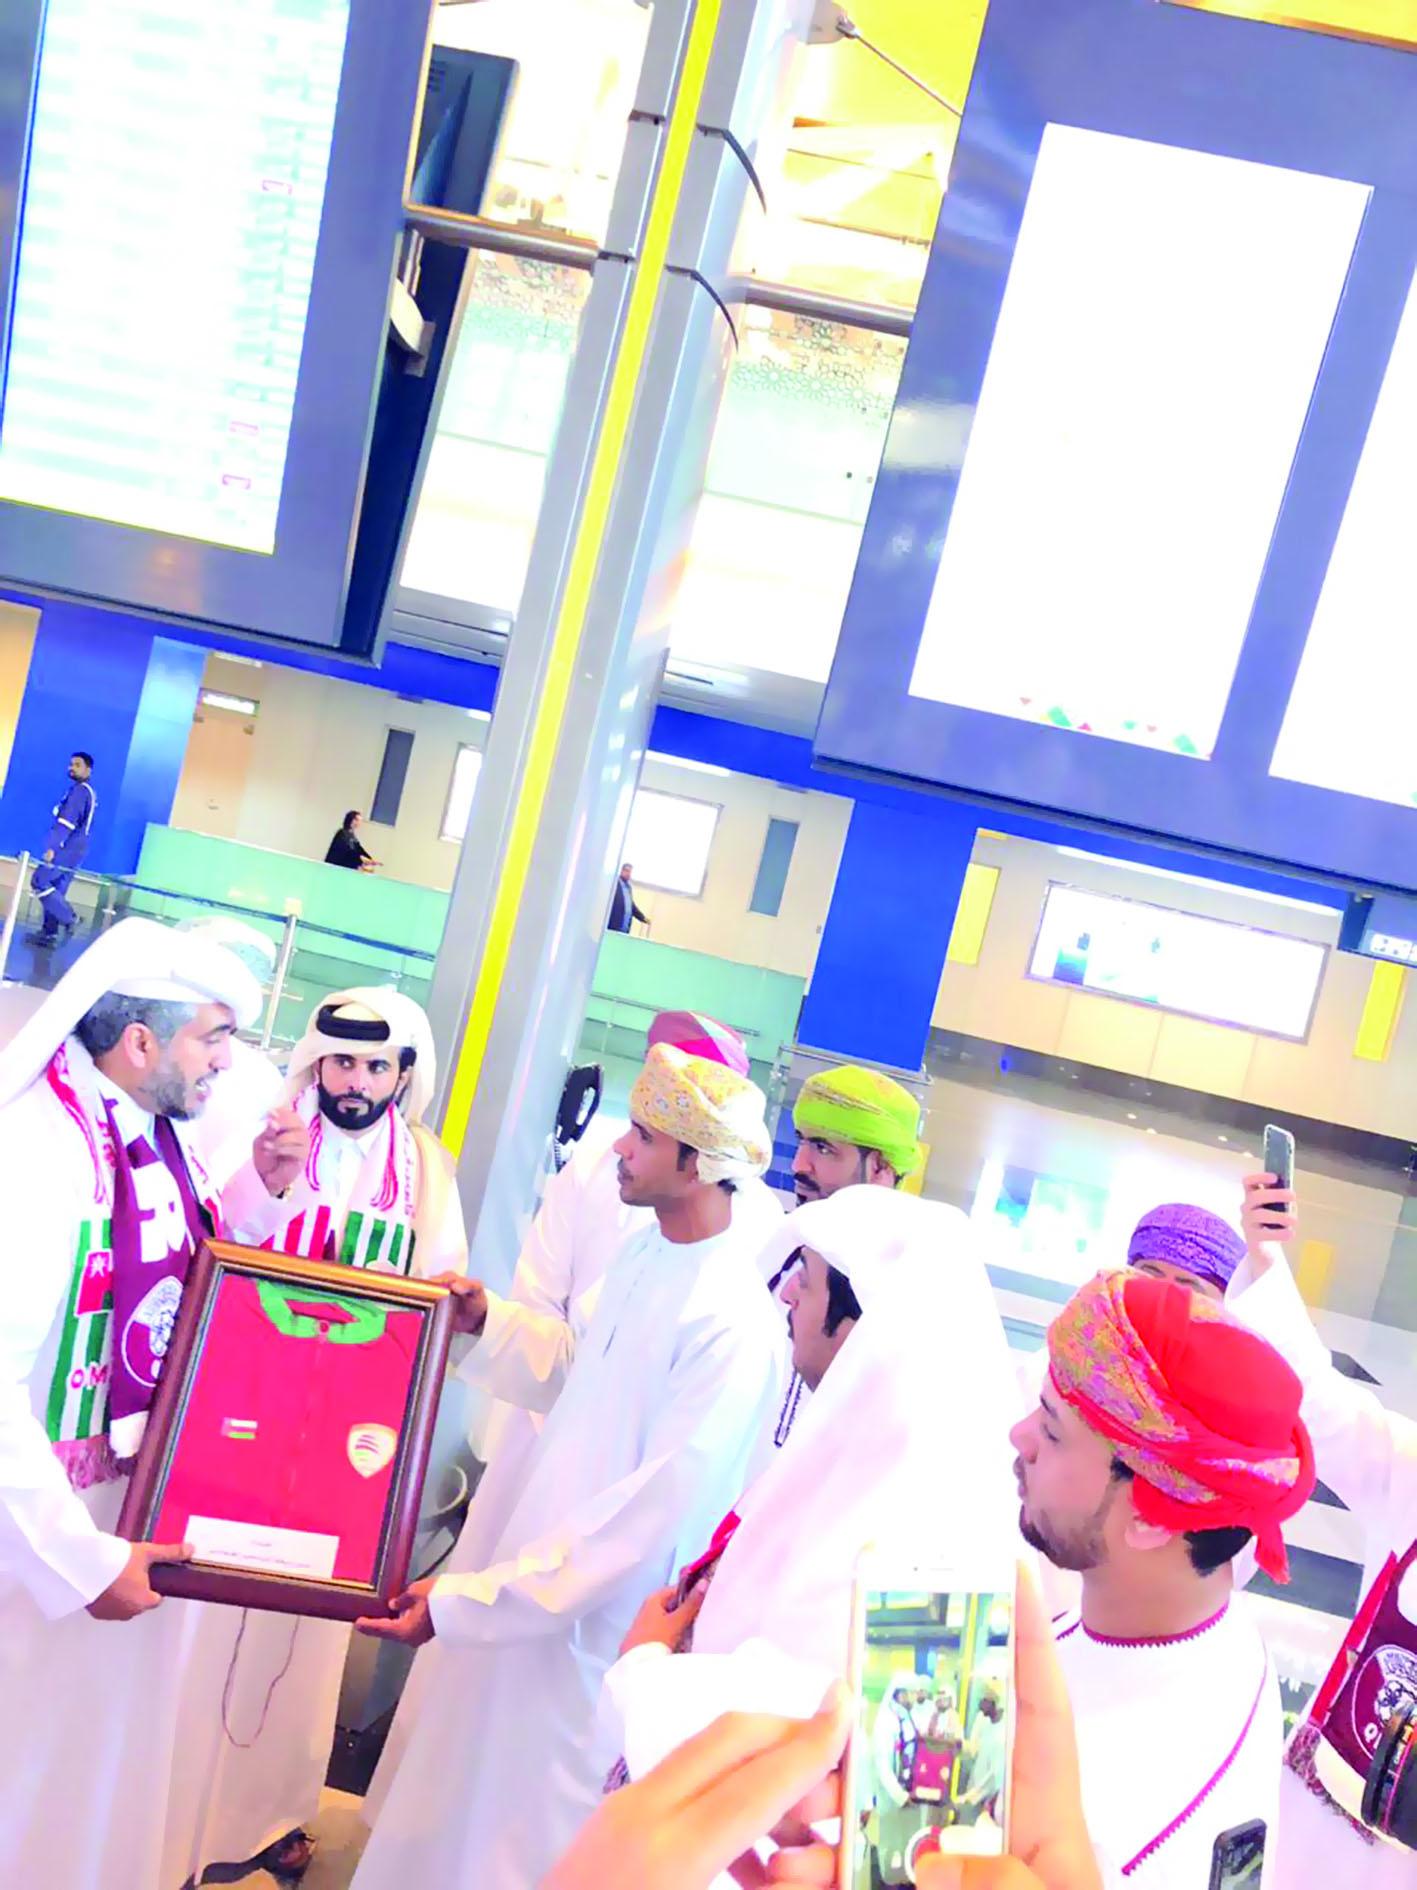 شمل برنامج المبادرة الكثير من الفعاليات الاجتماعية والرياضيةمبادرة شعبية قطرية من السلطنة إلى الكويت لشكر مشجعي المنتخب القطري